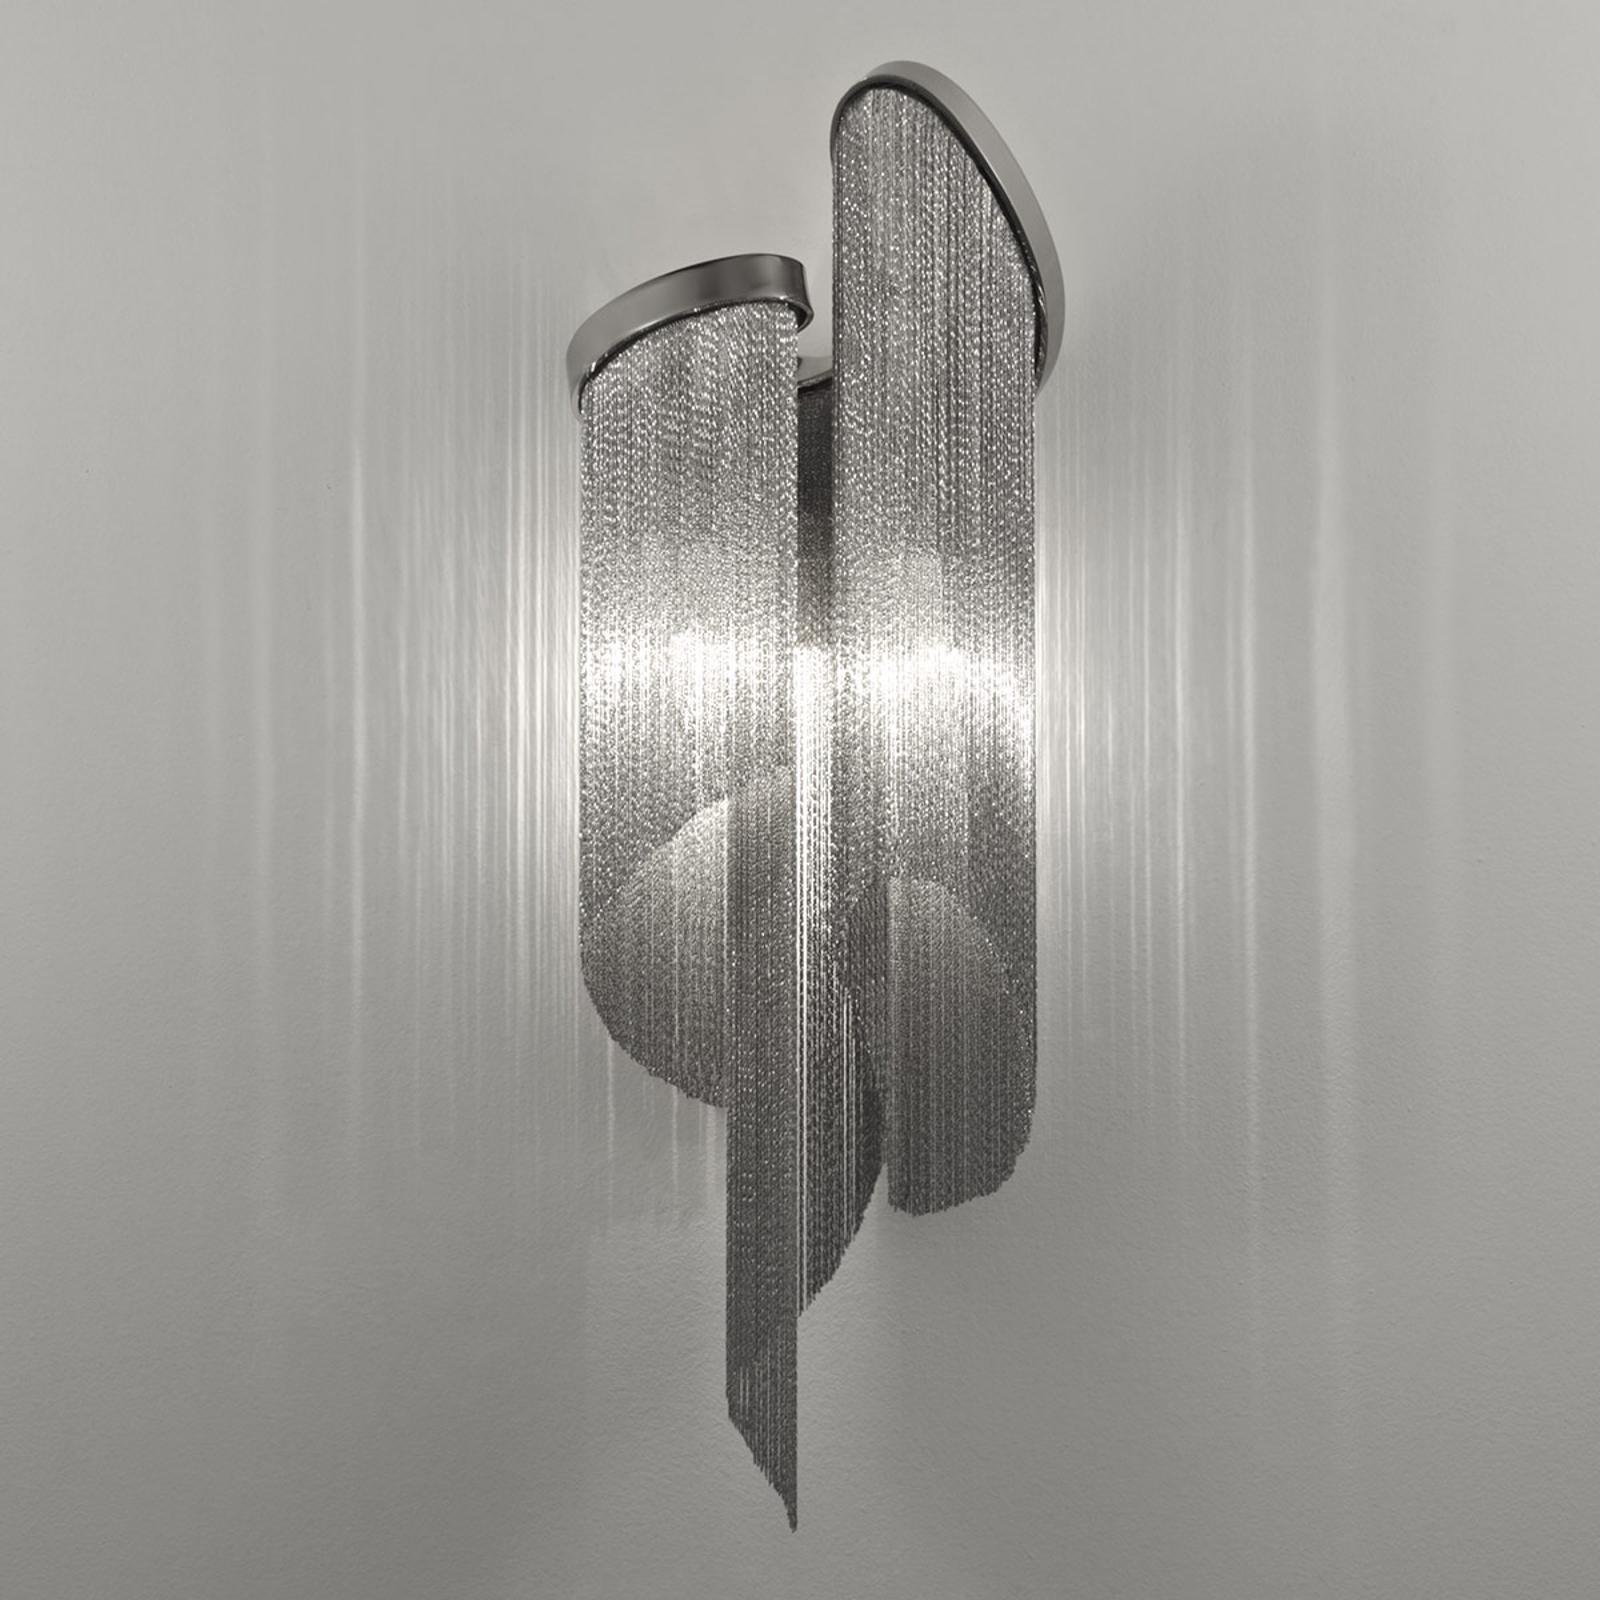 Applique Stream à effet lumineux dynamique